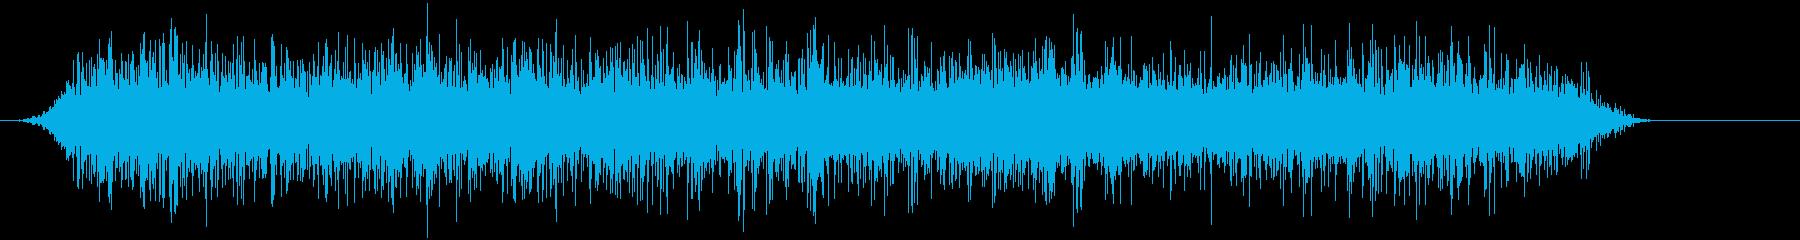 公園の噴水鳥の声の再生済みの波形